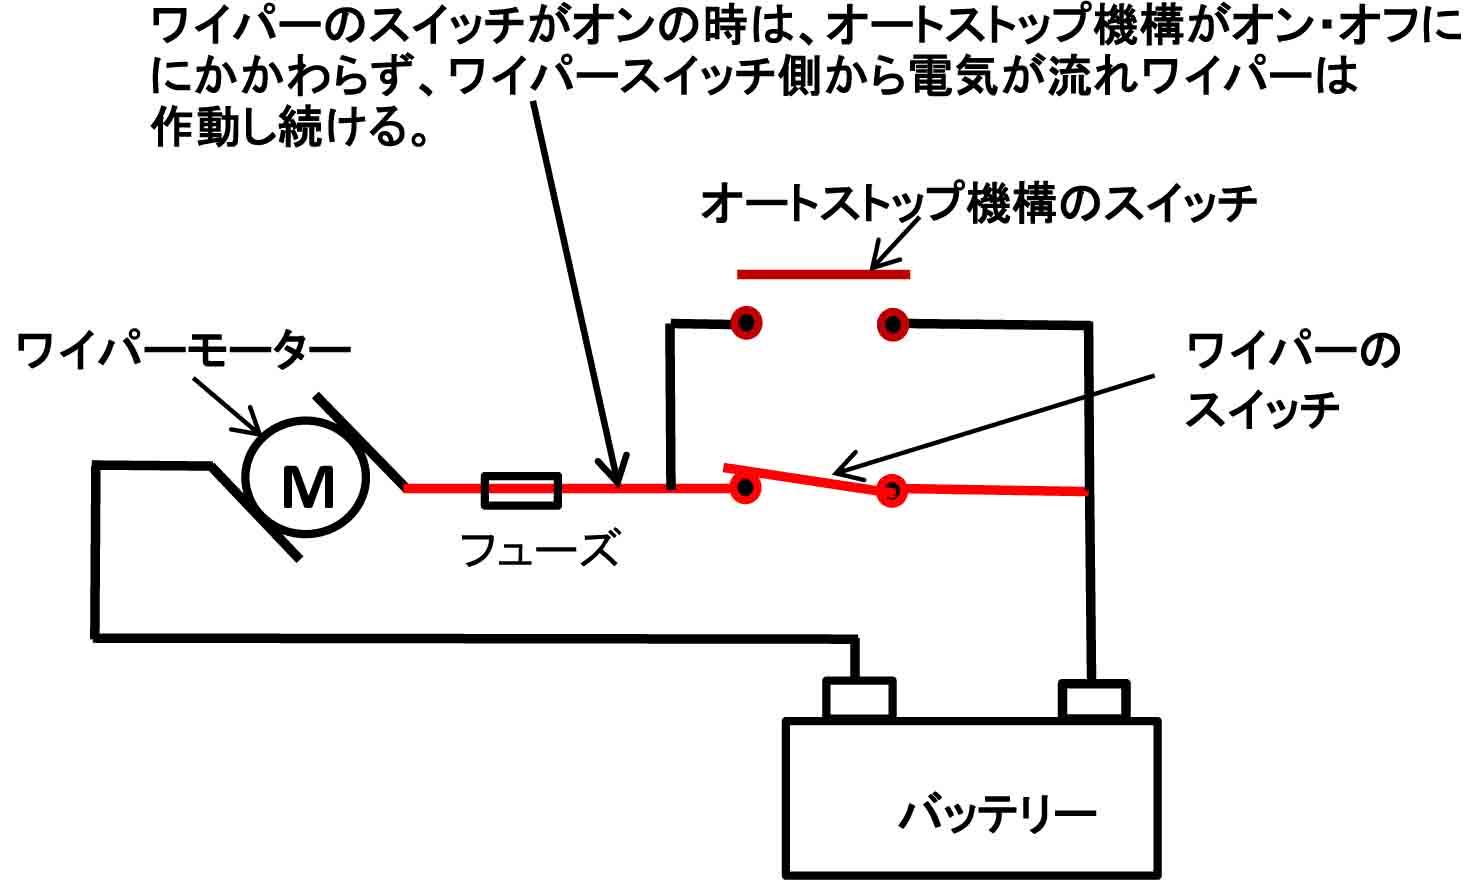 オートストップ機構図解-2.jpg